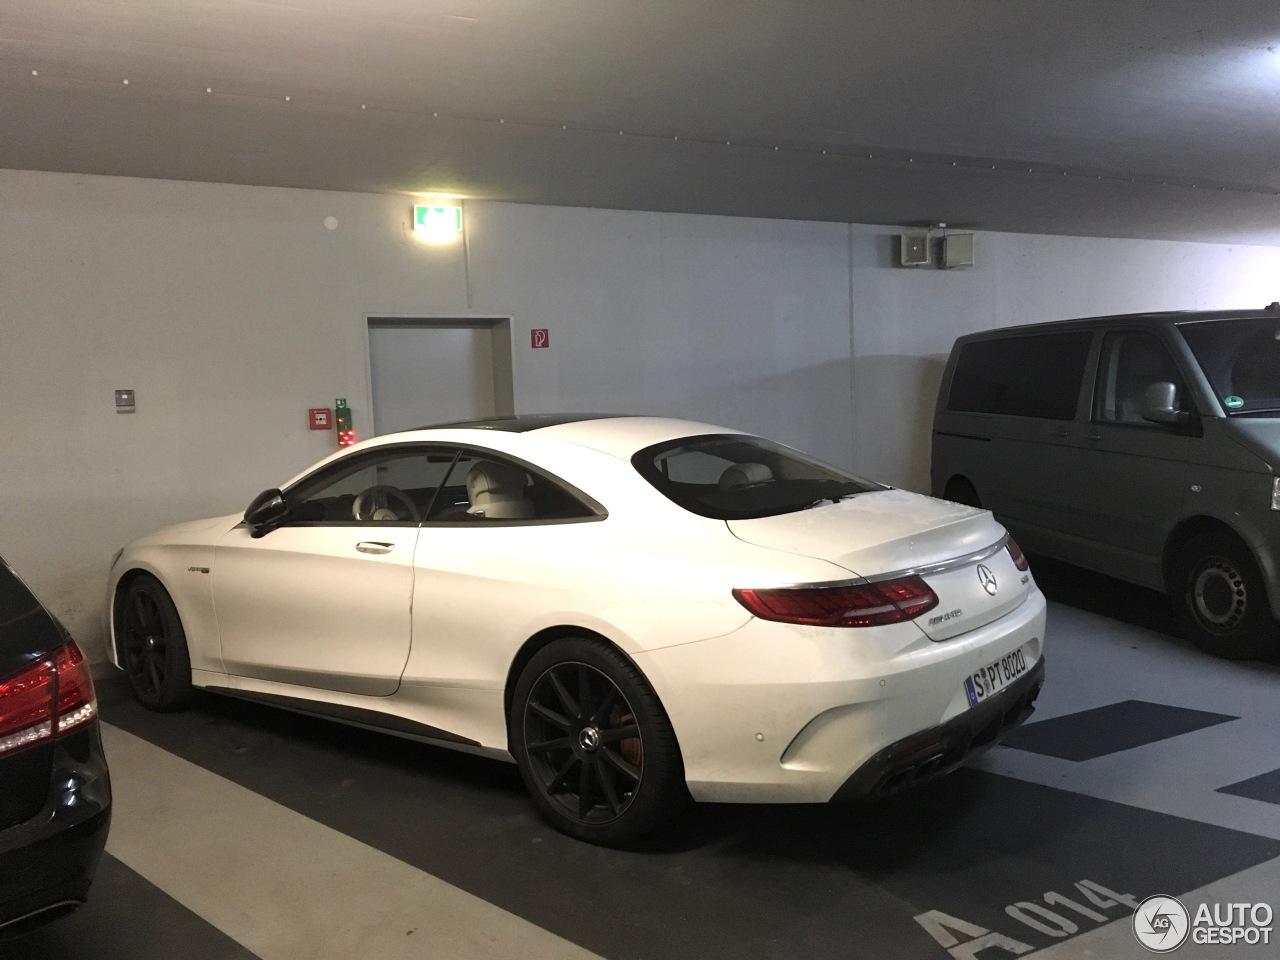 Mercedes-AMG S 63 Coupé C217 2018 - 3 December 2017 ...